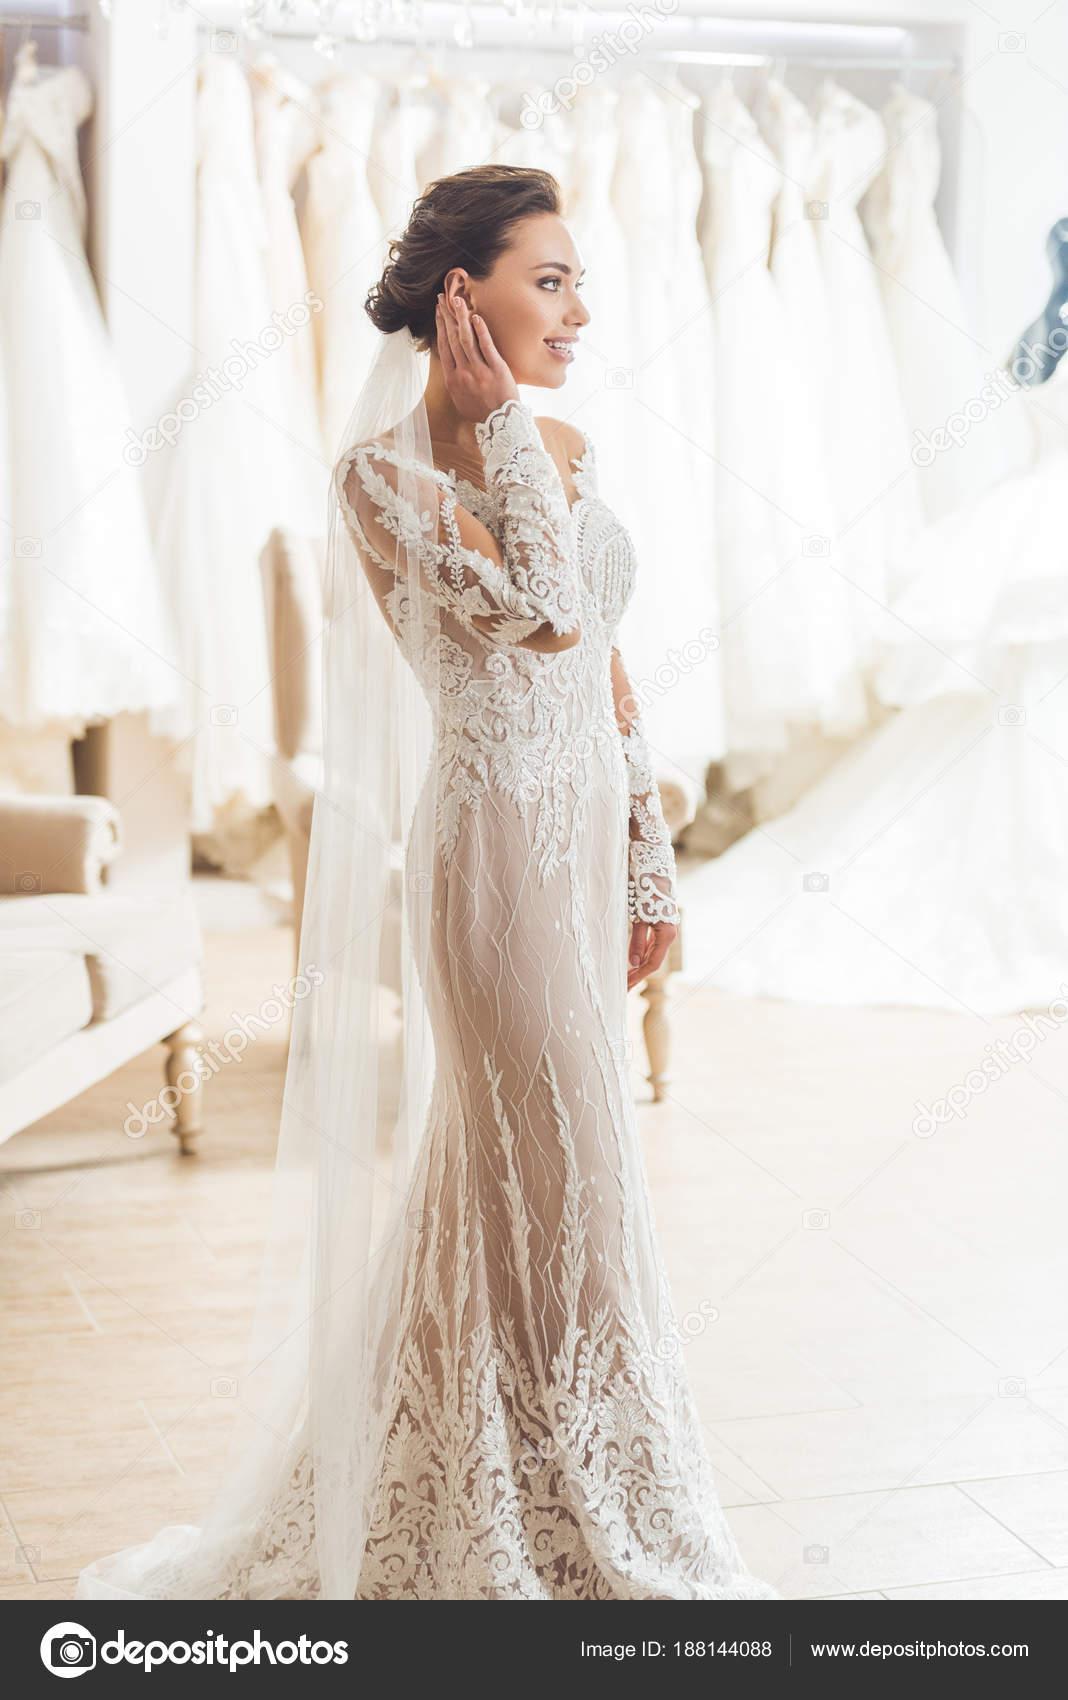 Witte Jurk Op Een Bruiloft.Jonge Bruid Witte Jurk Bruiloft Mode Winkel Stockfoto